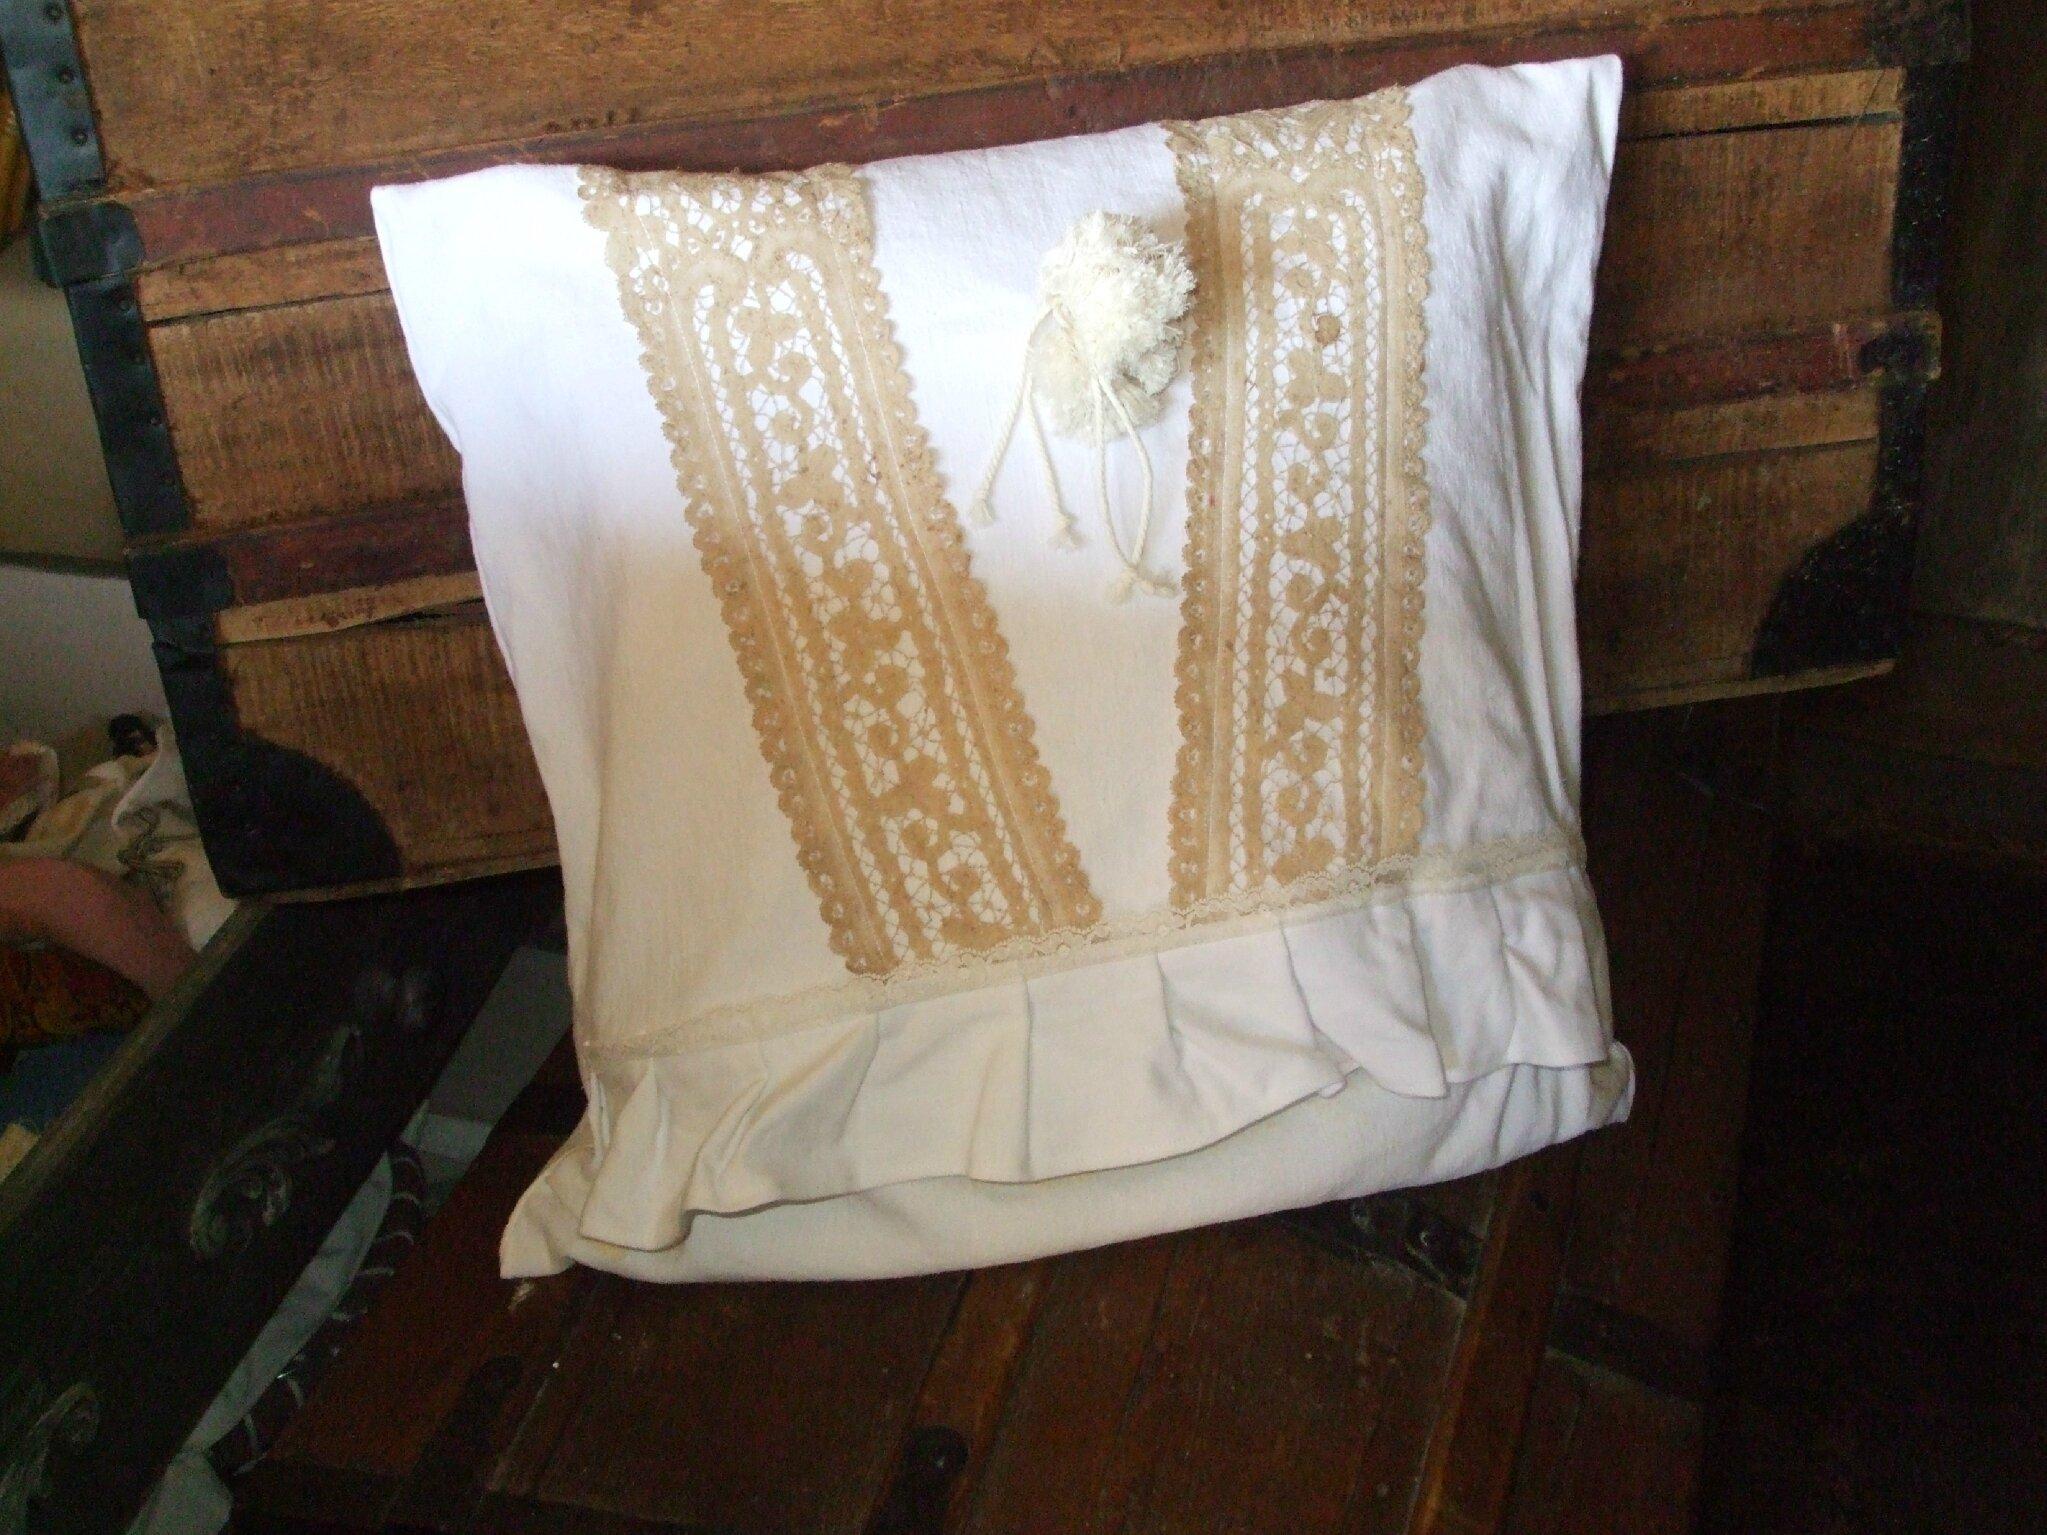 douceur et puret pour le mariage du lin ancien et de la dentelle poudr e la mandragore et. Black Bedroom Furniture Sets. Home Design Ideas